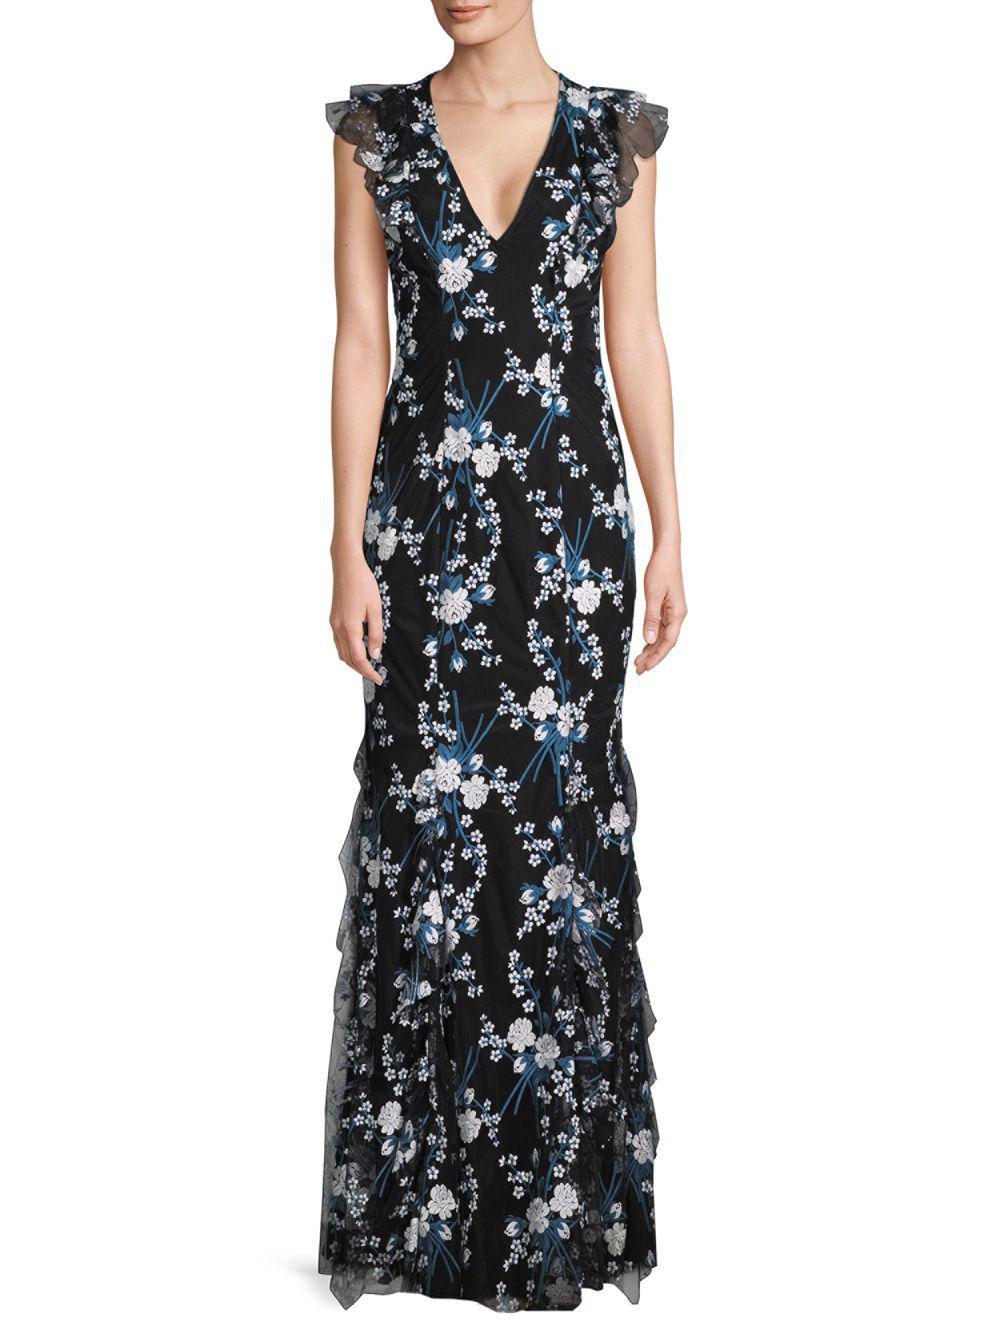 2e291ca618c Lyst - Zac Zac Posen Josephine Floral Gown in Black